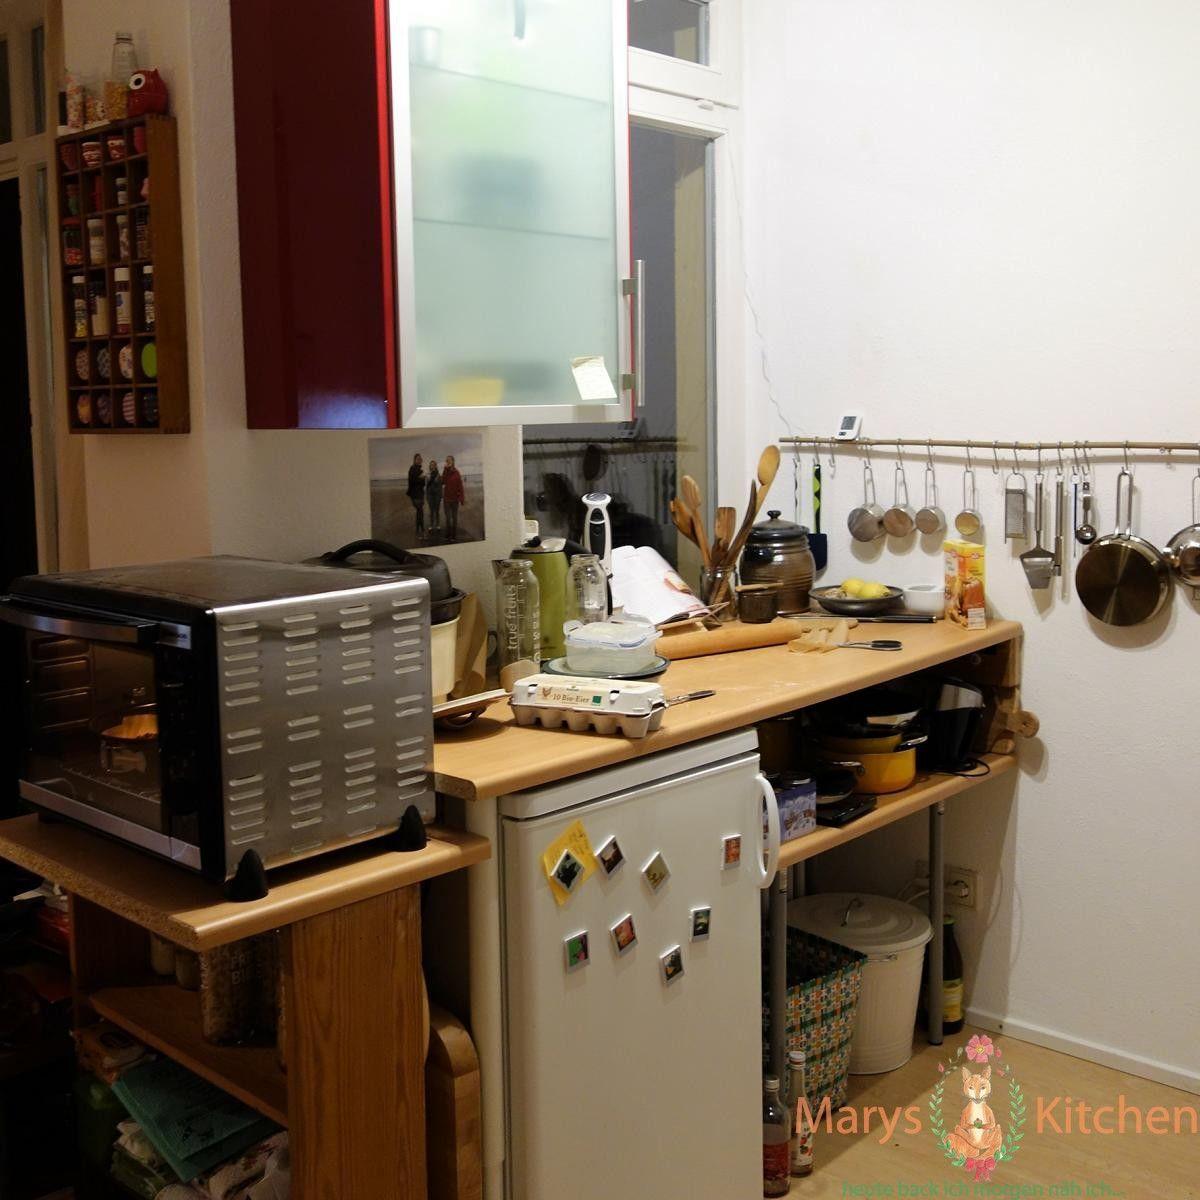 Perfekt Studentenküche Küche Klein Günstig Einfach Vielfältig Von Marys.kitchen